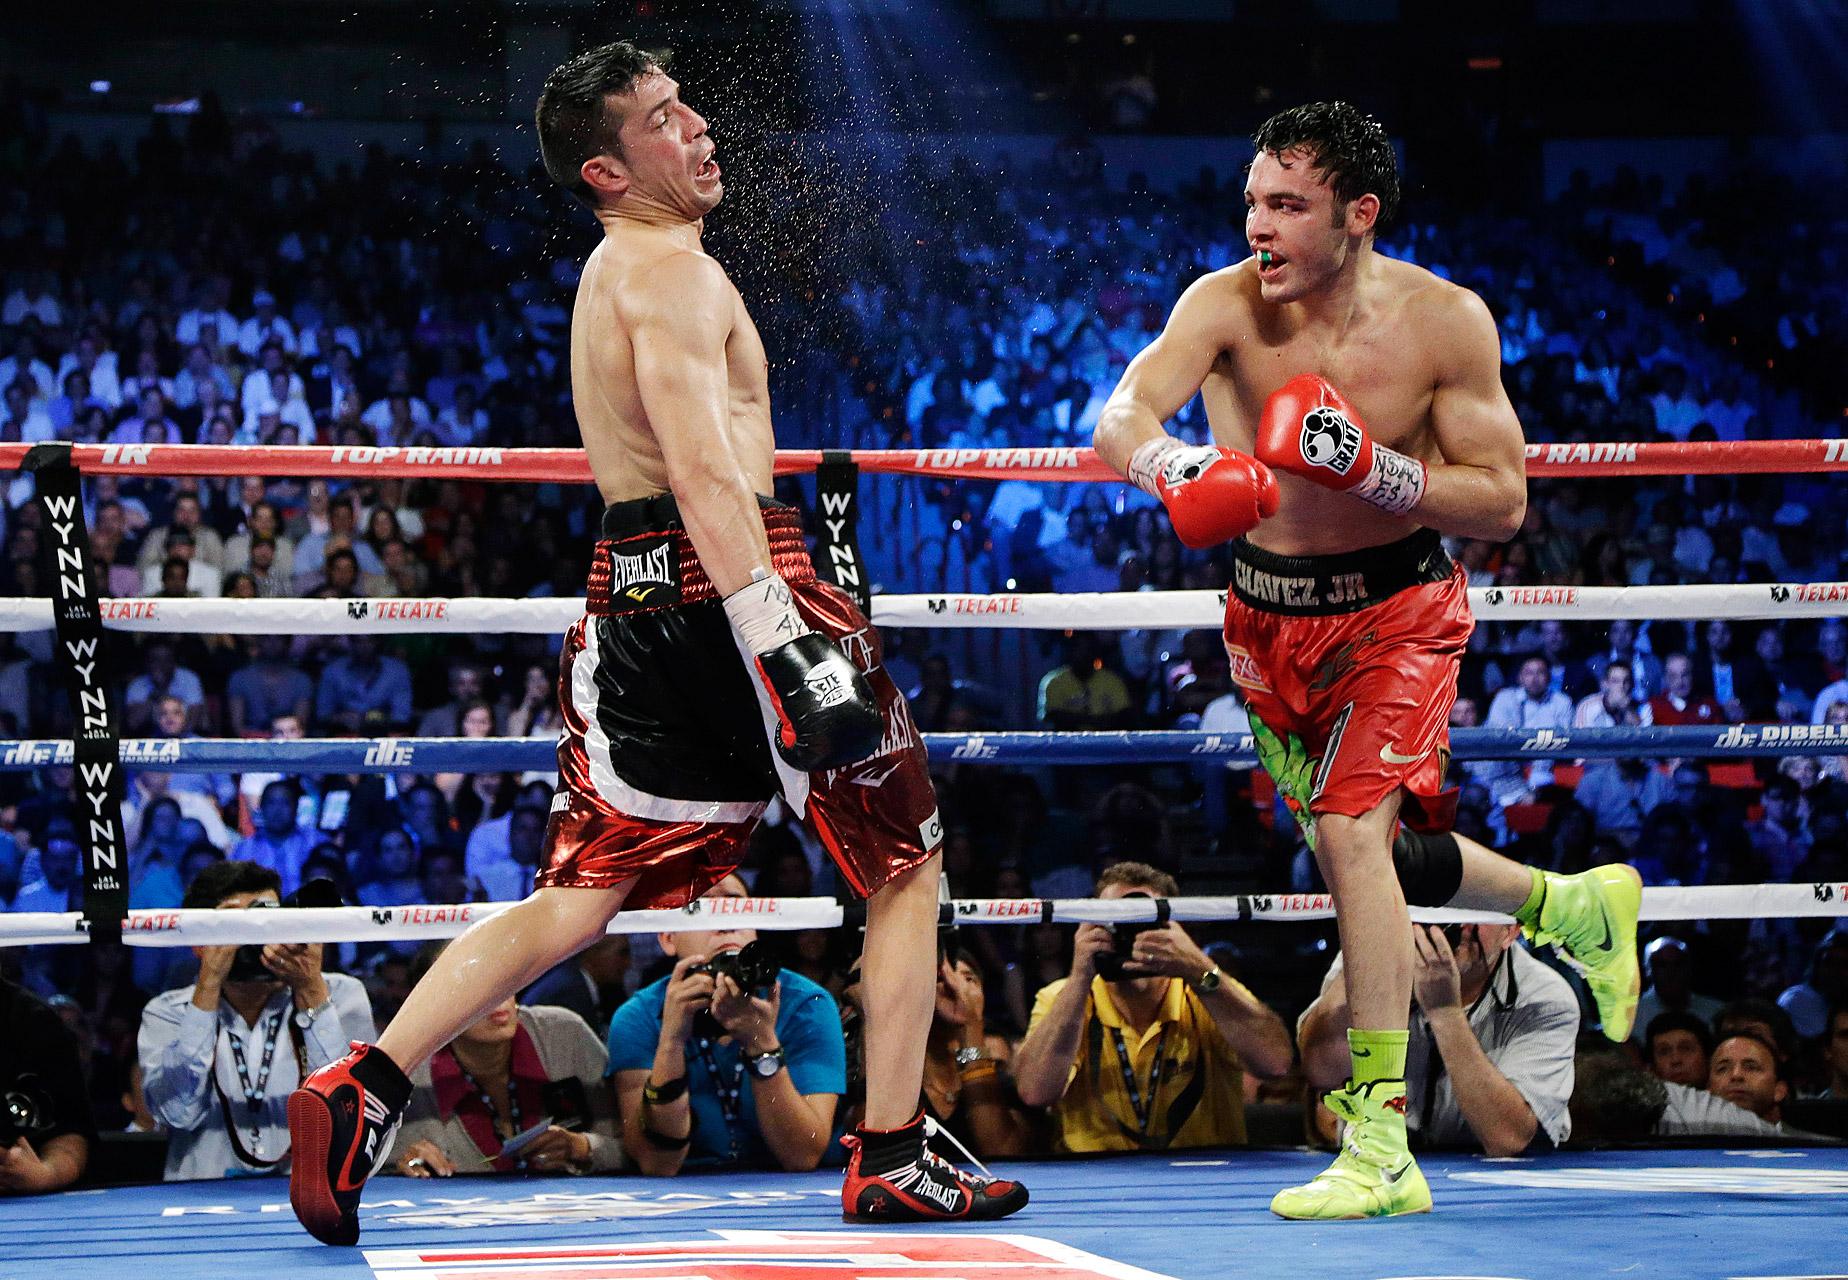 chavez jr vs maravilla